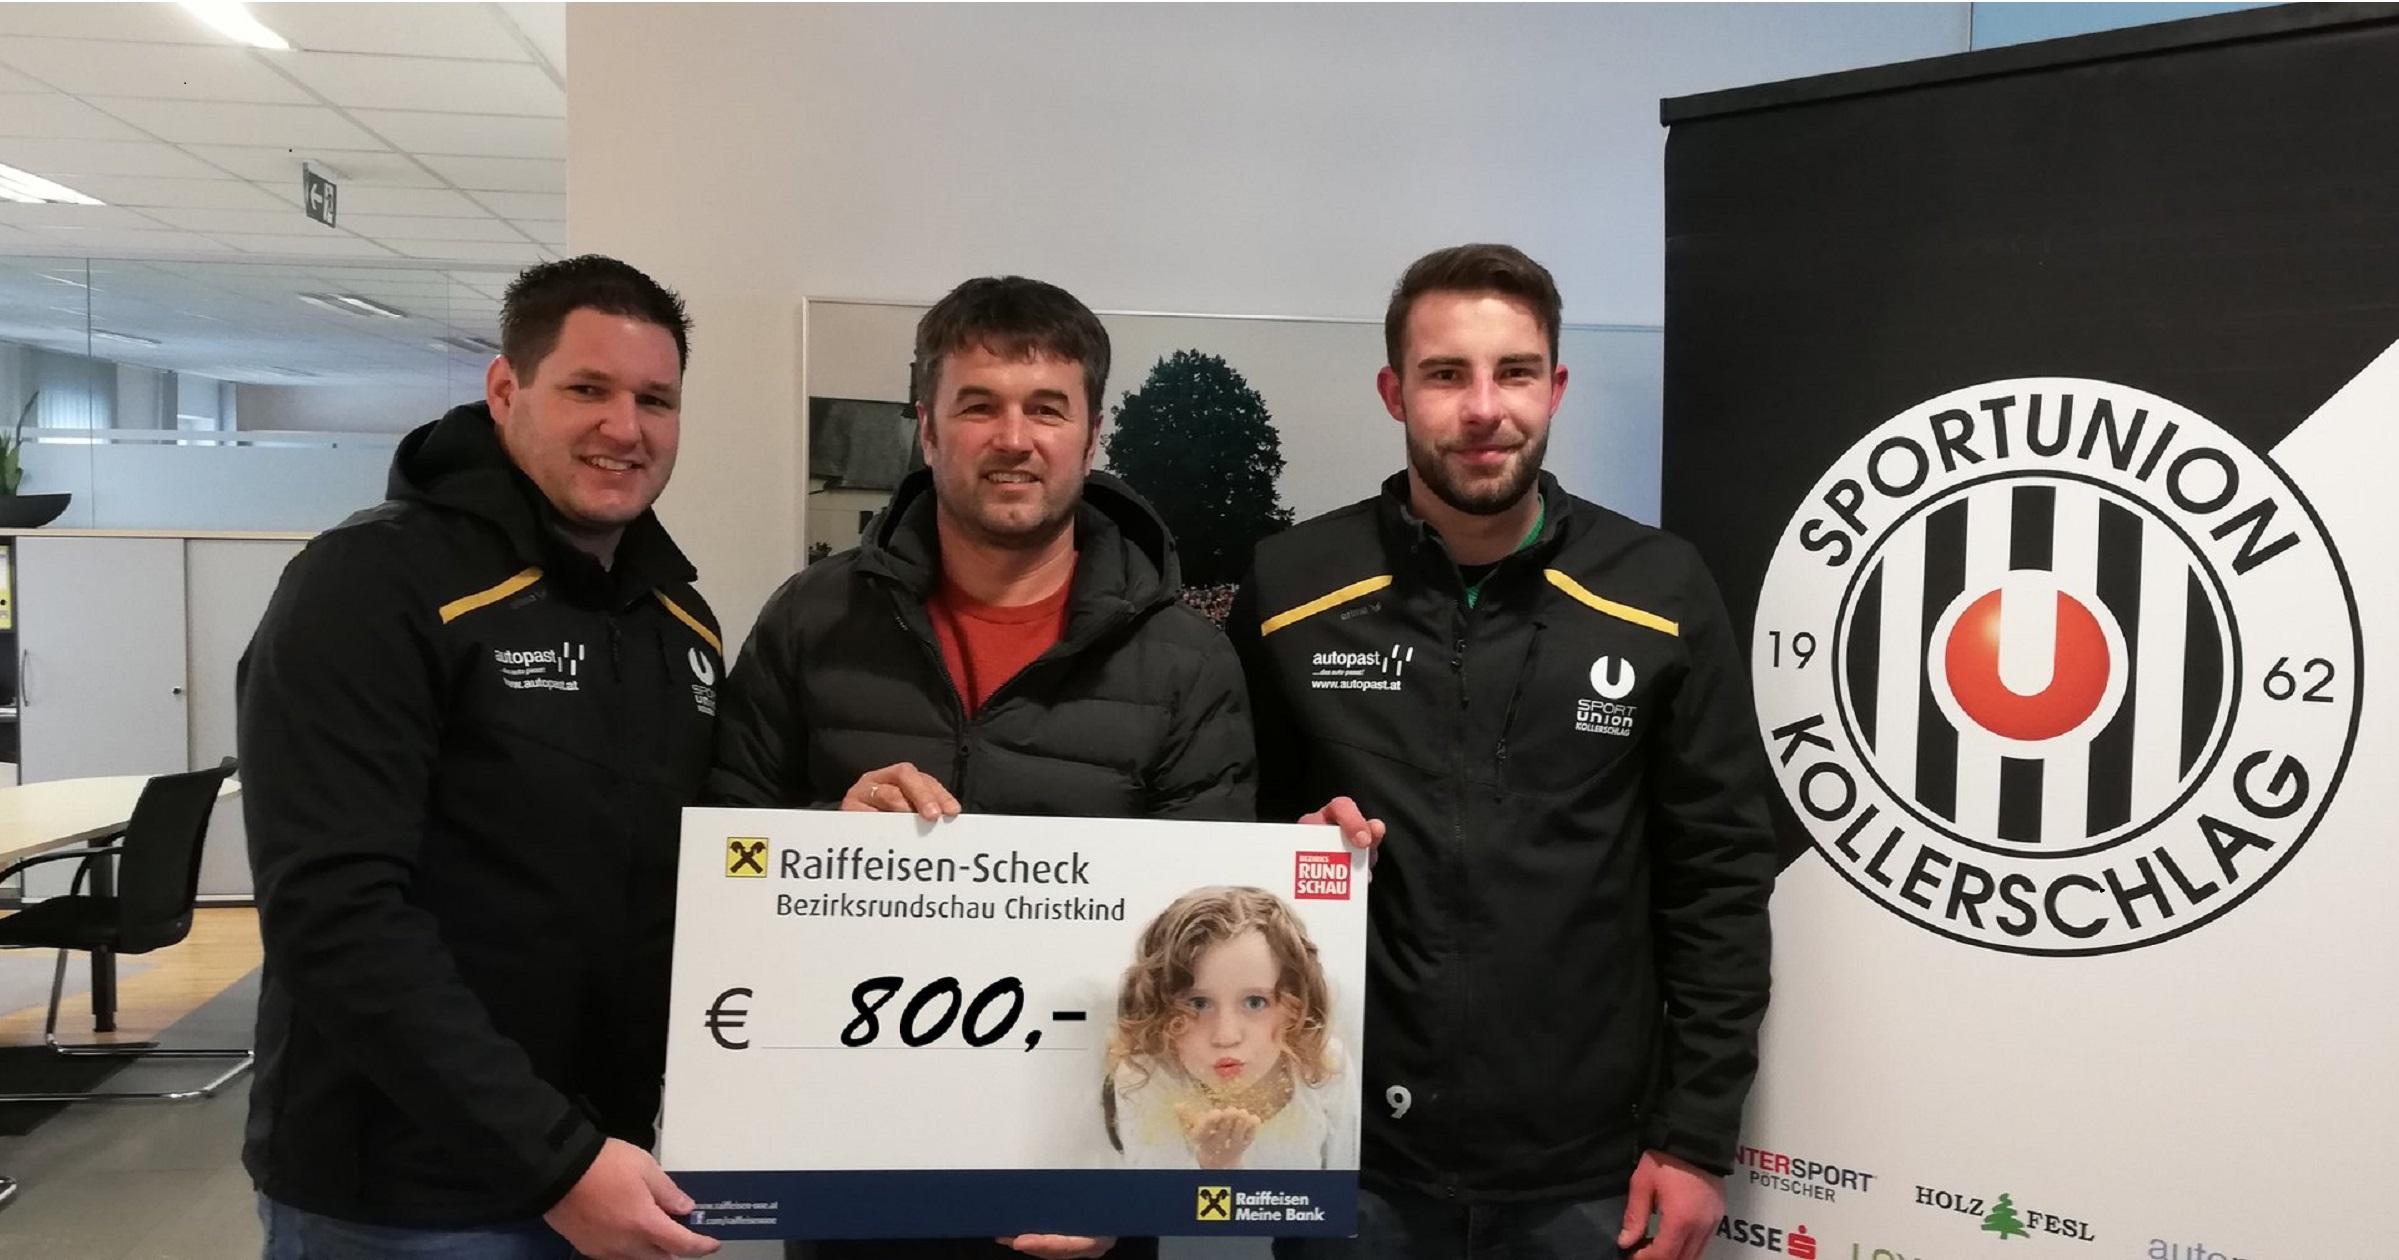 Das Punschtrinken hat sich ausgezahlt: 800 Euro gehen an die Christkind-Spendenaktion